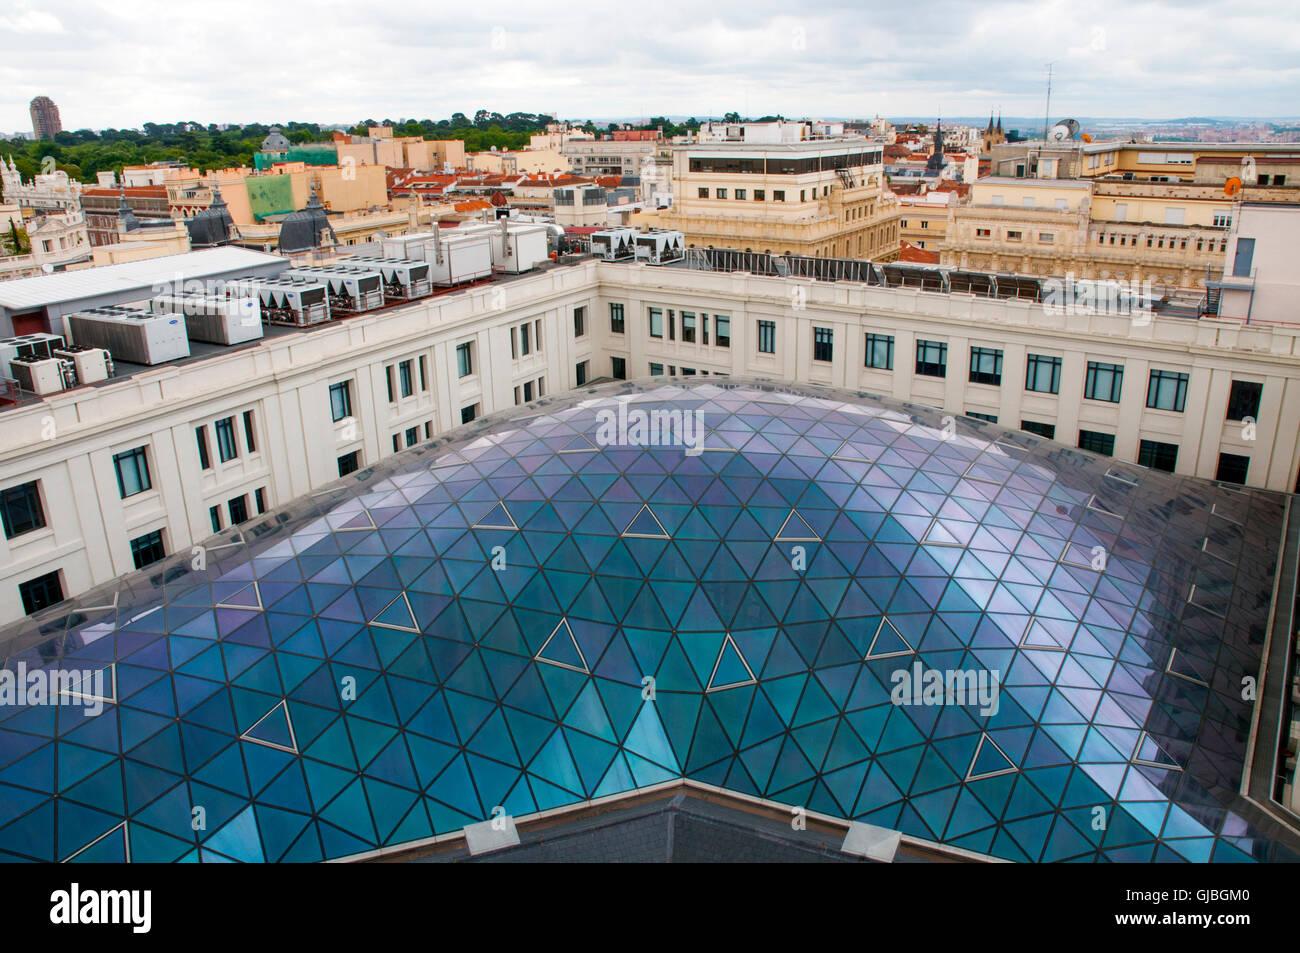 Gläserne Decke der Glasgalerie, Ansicht von oben. Cibeles Palace, Madrid, Spanien. Stockbild